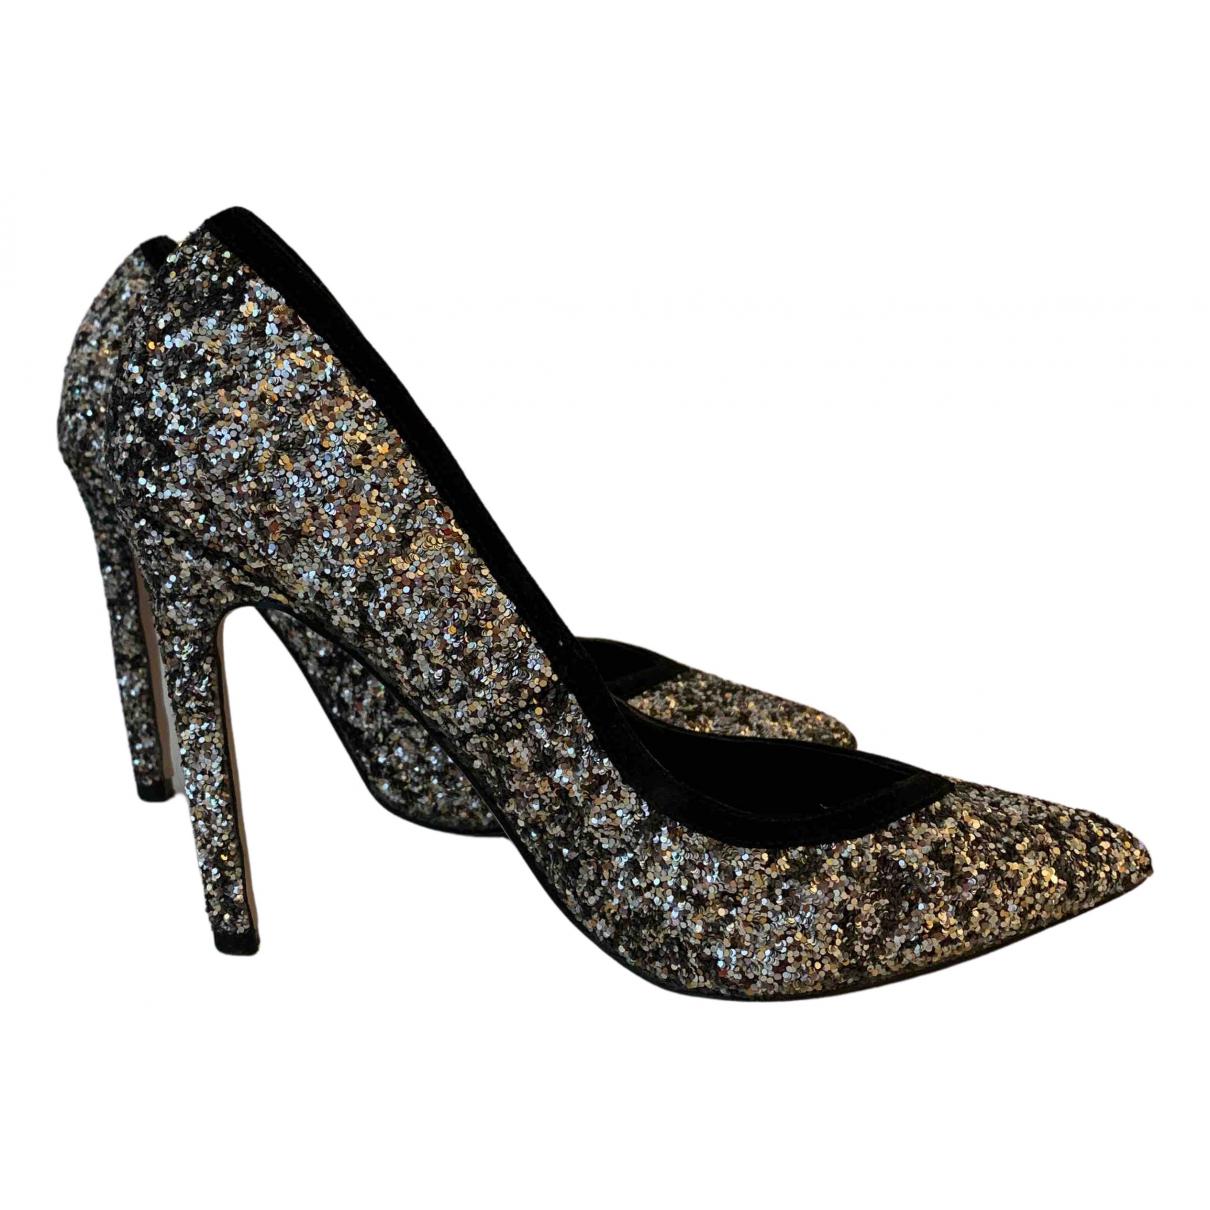 Asos N Silver Glitter Heels for Women 6.5 US